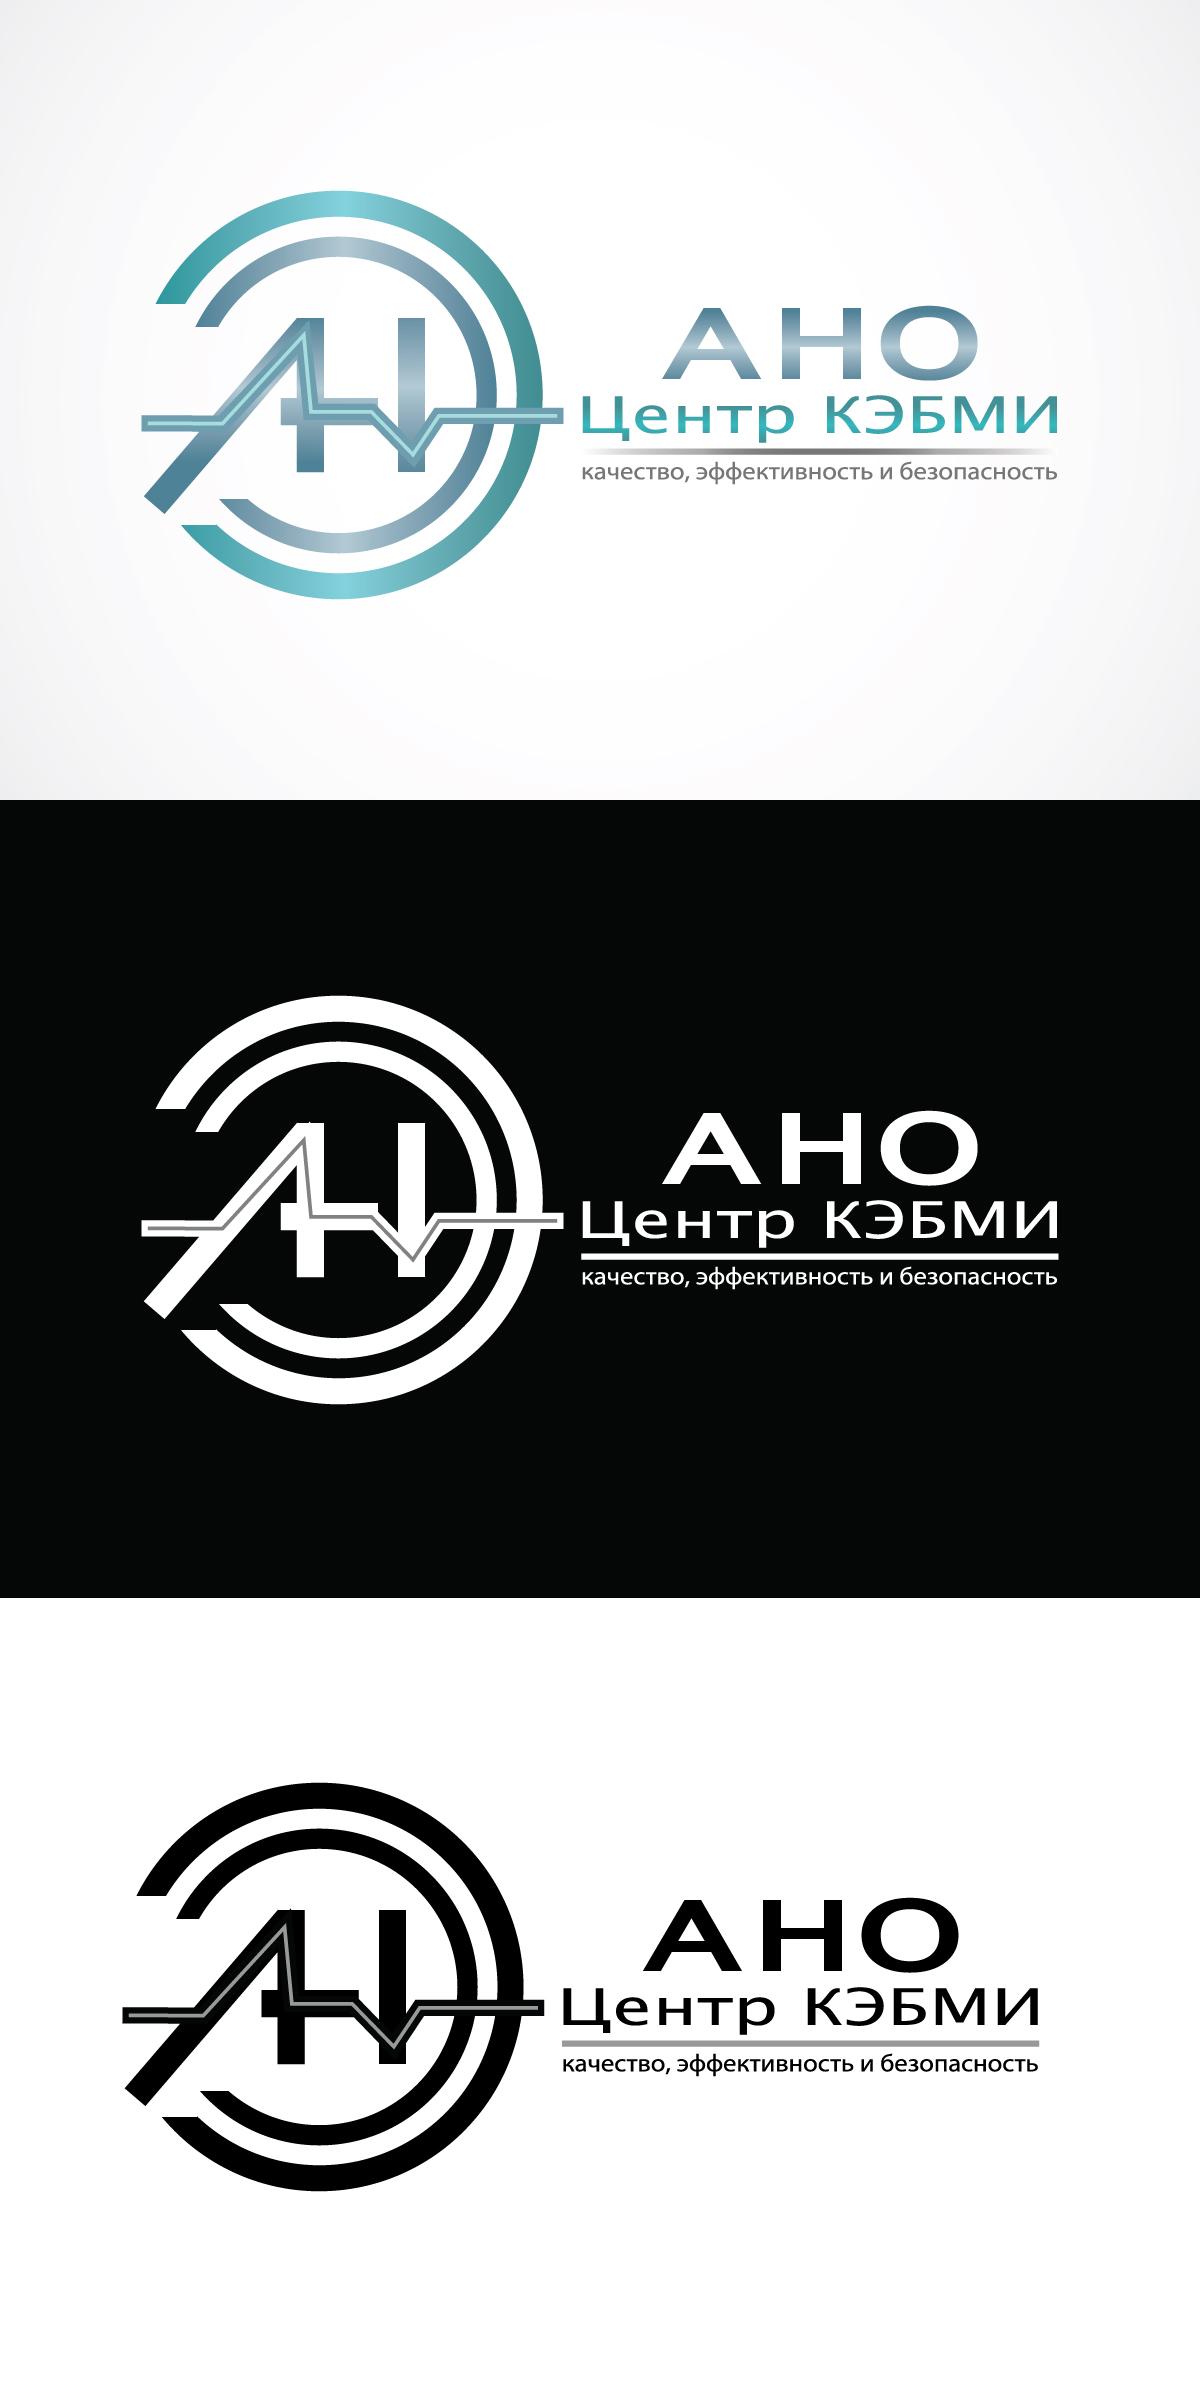 Редизайн логотипа АНО Центр КЭБМИ - BREVIS фото f_4915b1e777d92d6d.jpg